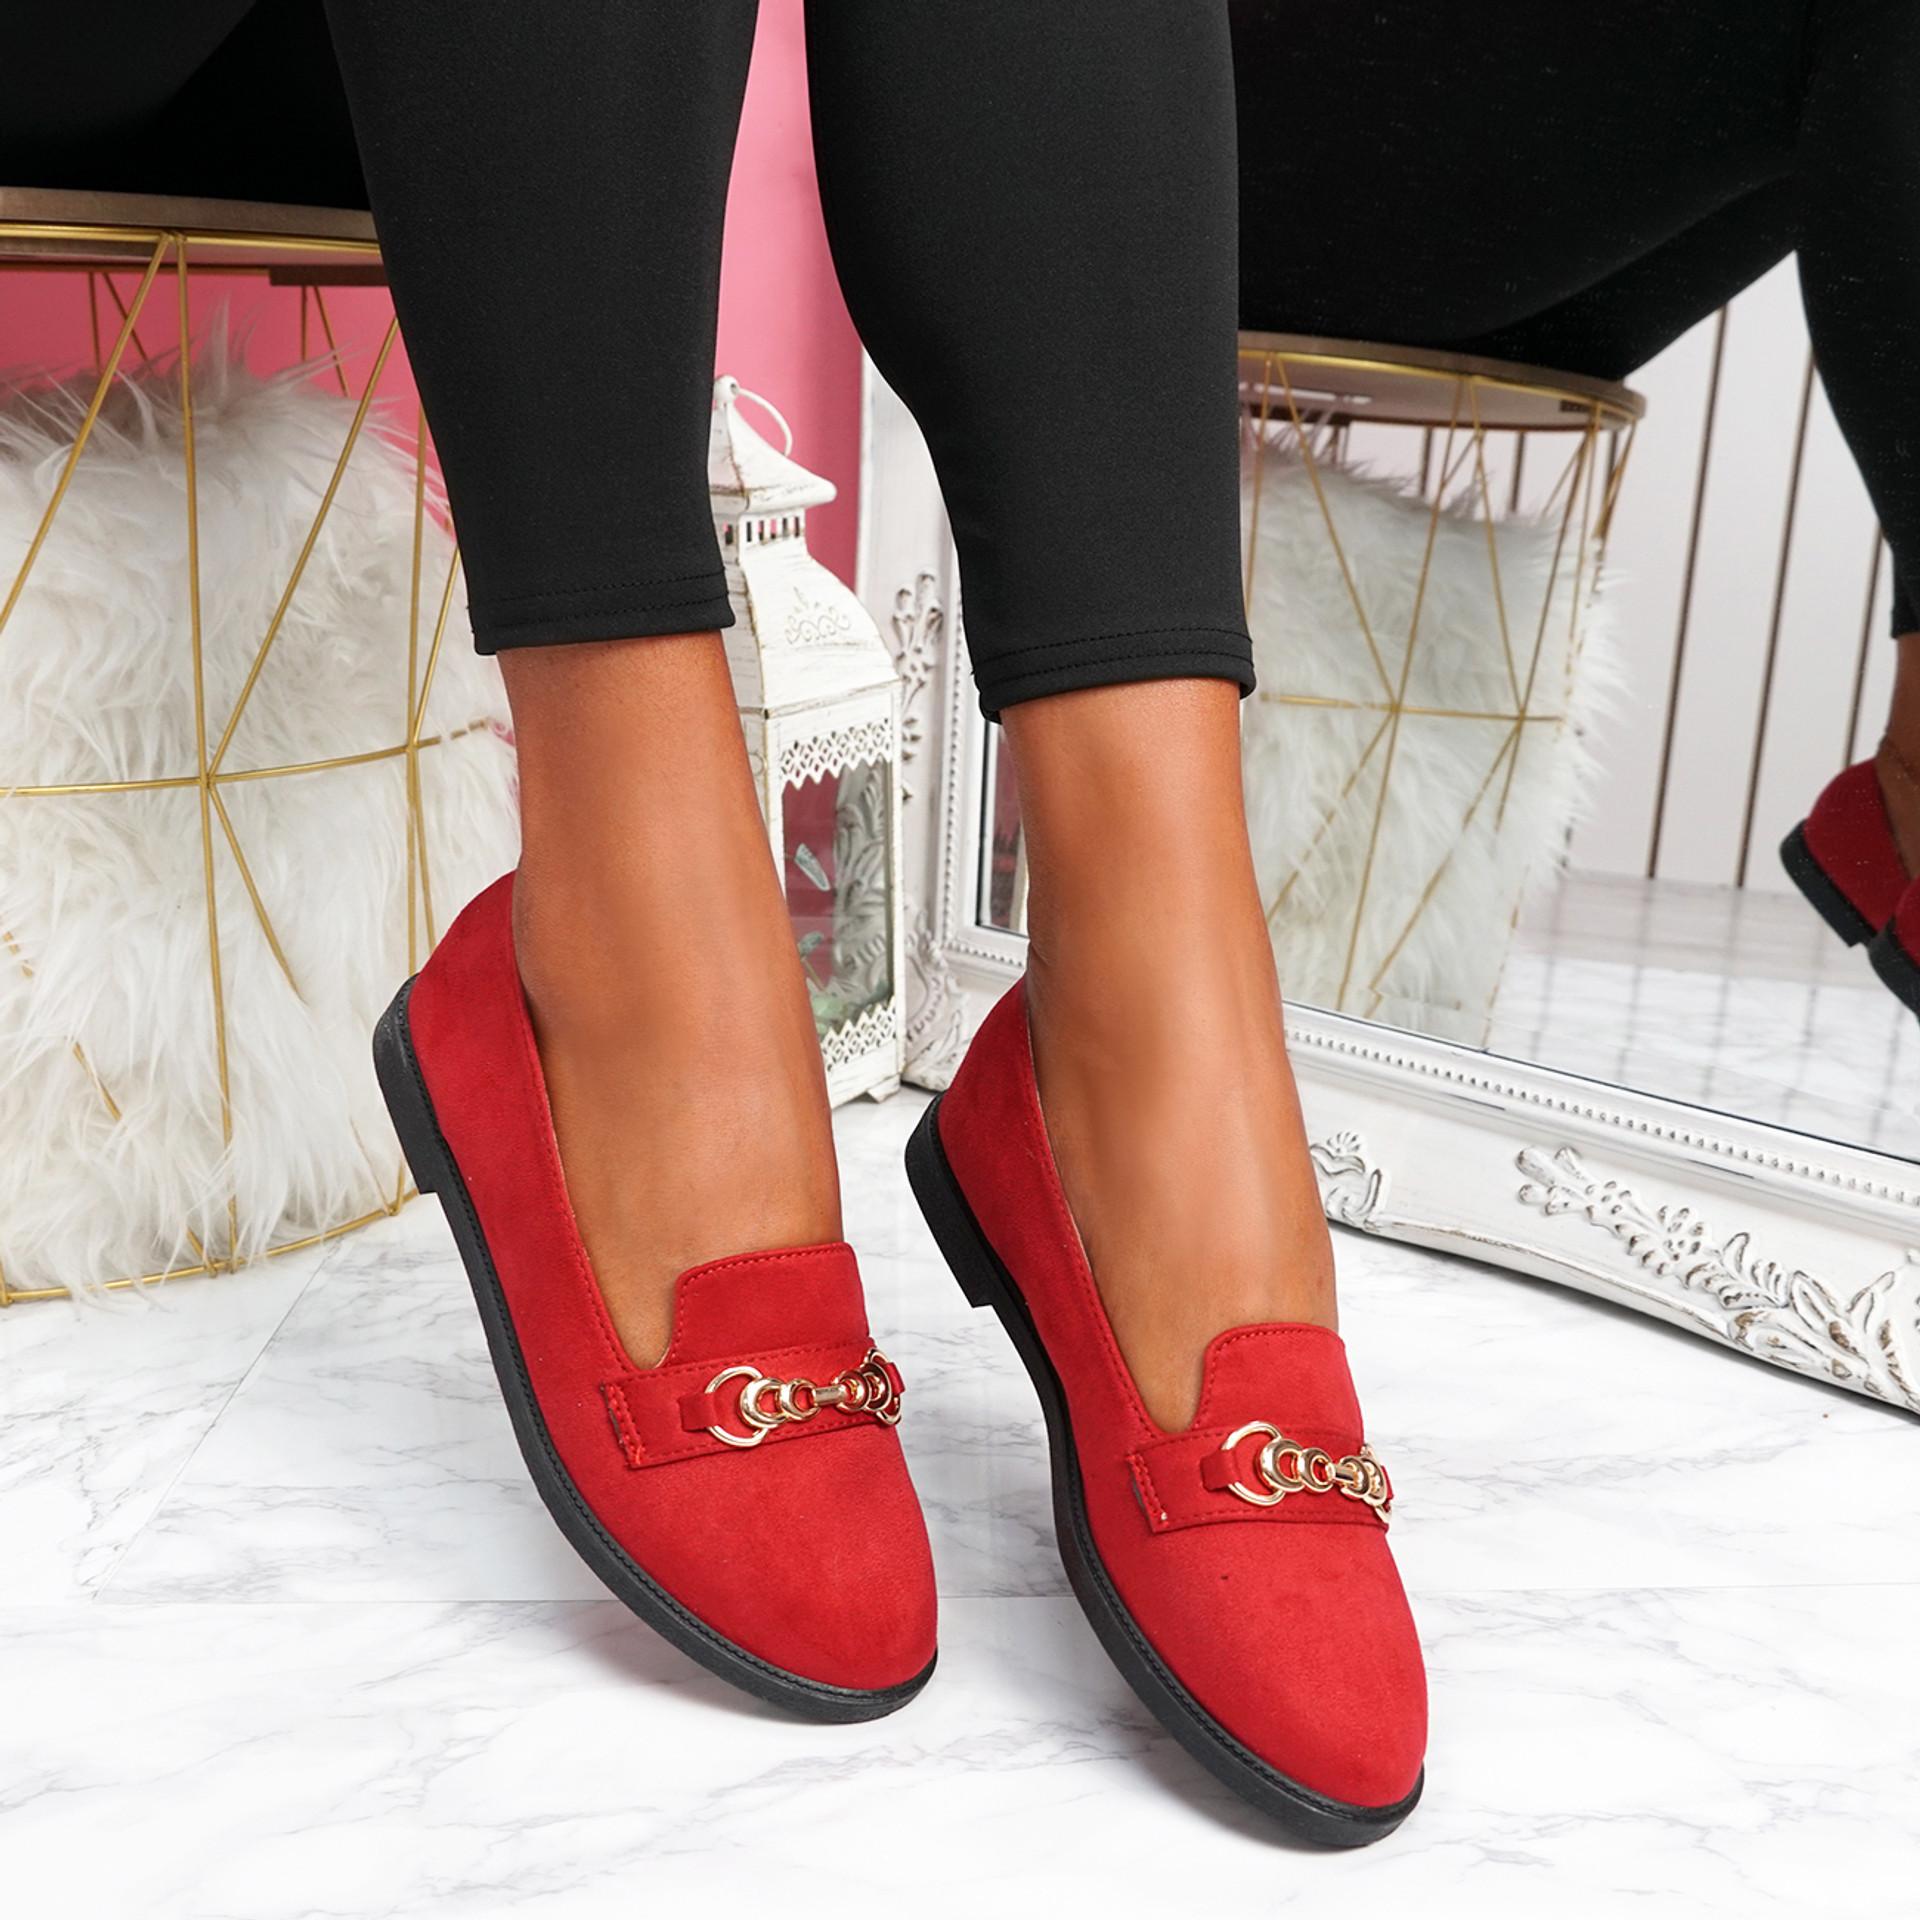 Lonna Red Chain Ballerinas